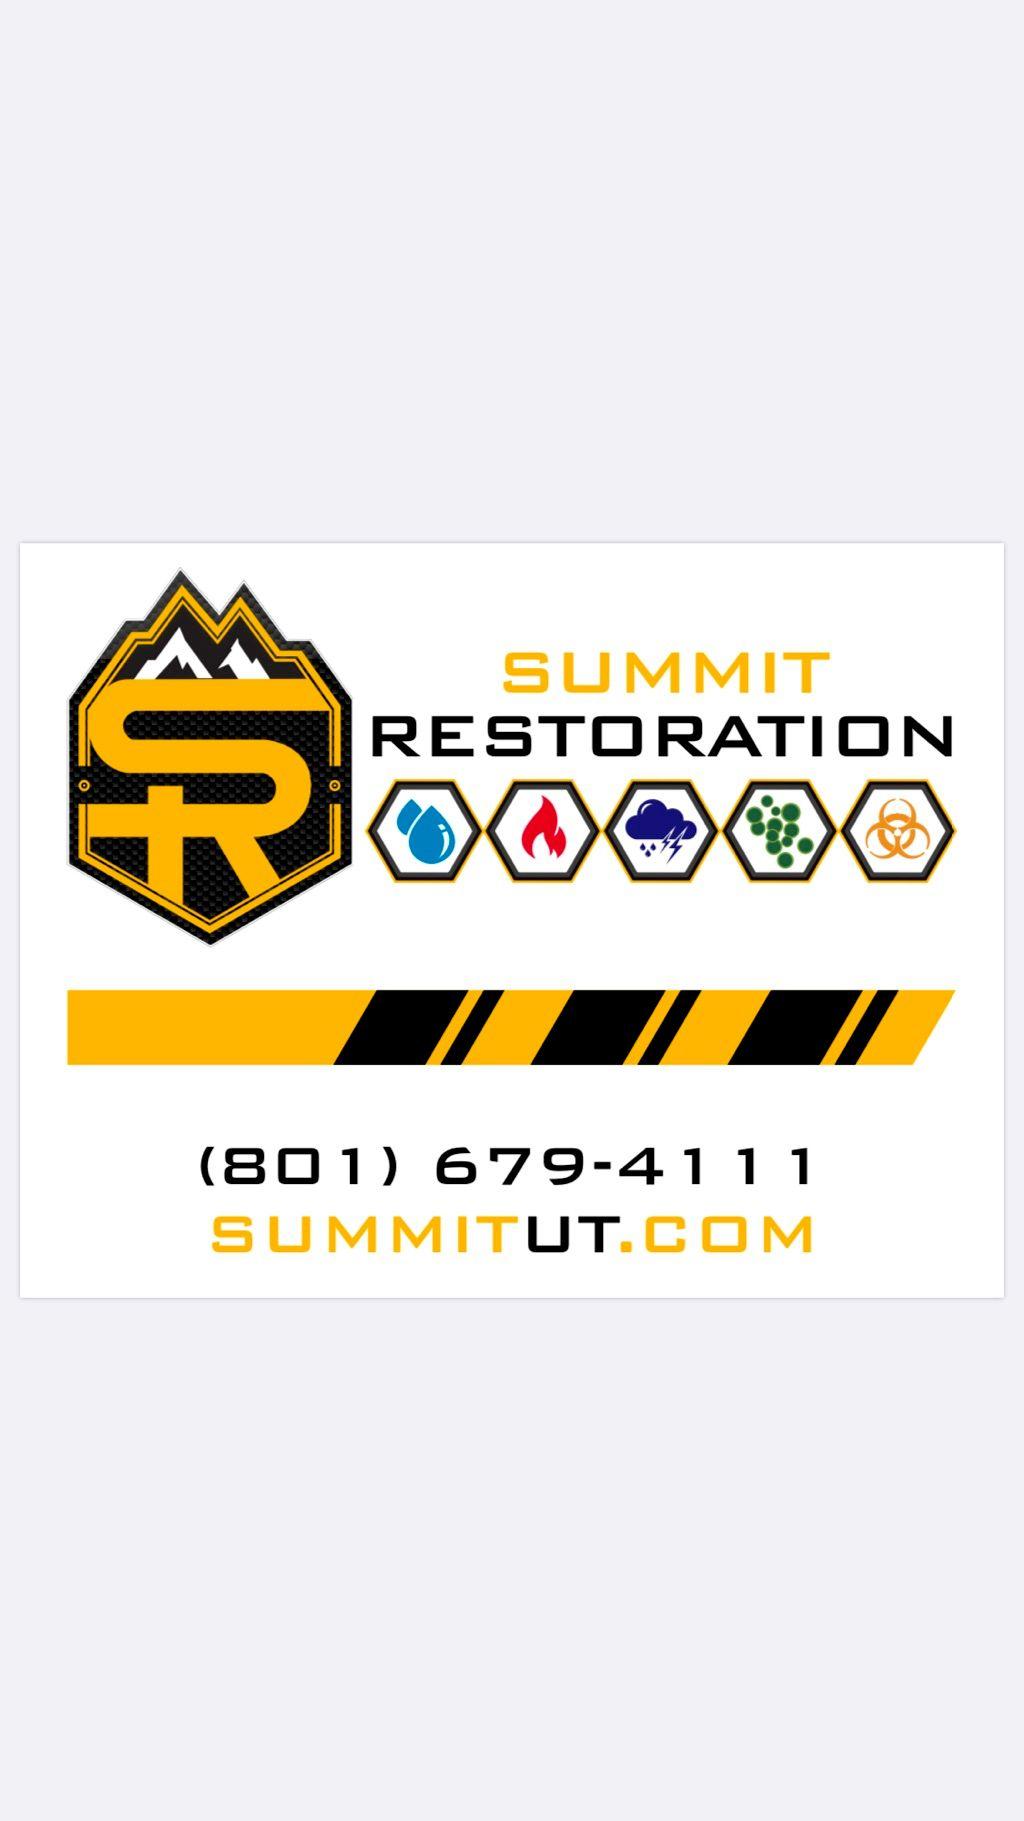 Summit Restoration